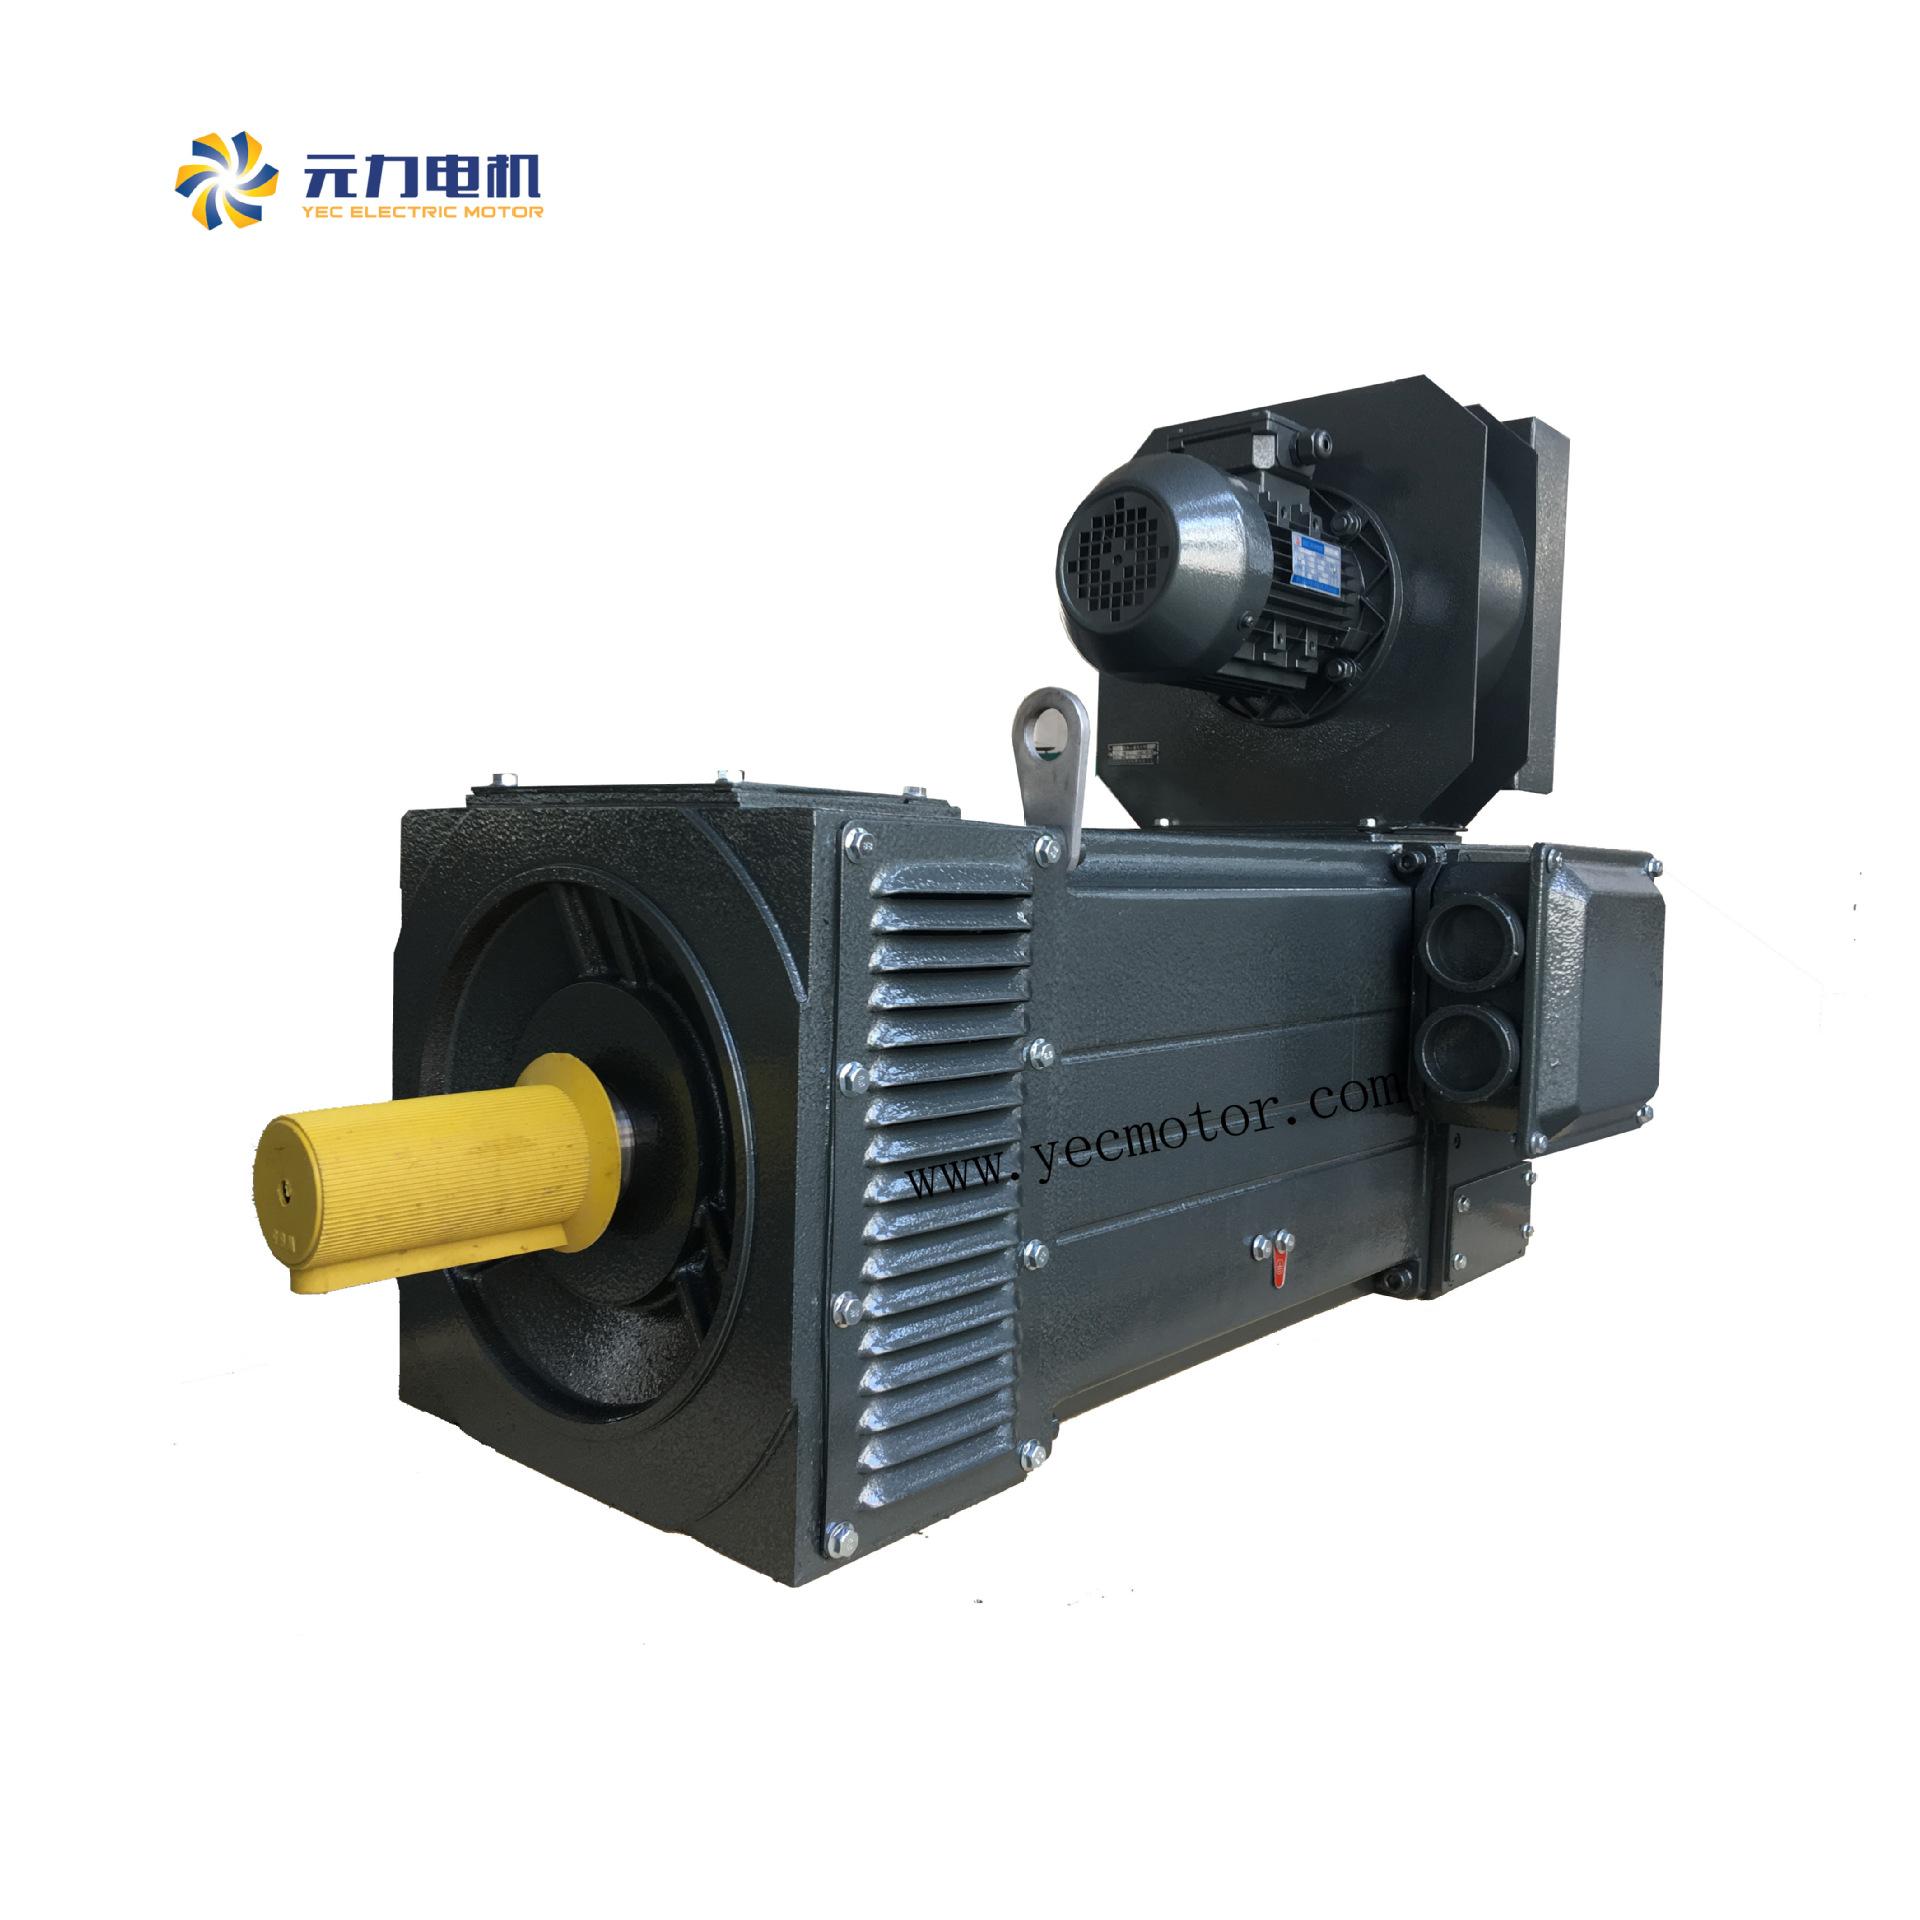 压缩机专用电机-YSF感应伺服